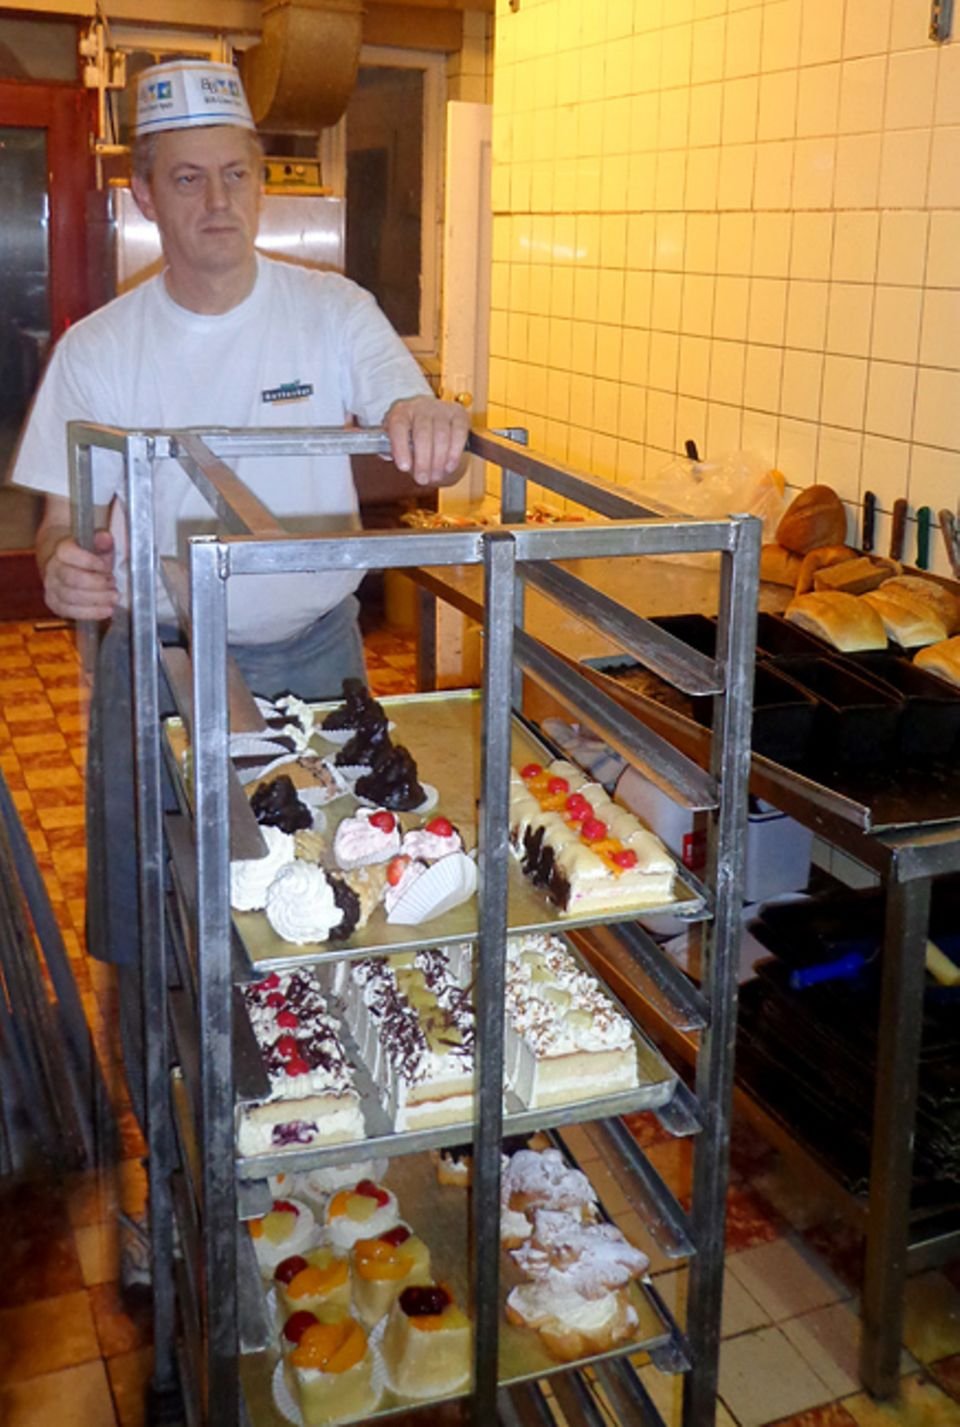 Beruf: Eine Bäcker-Schicht beginnt frühmorgens um drei Uhr und endet gegen 14 Uhr. Frühes Aufstehen sollte euch also nicht schwer fallen